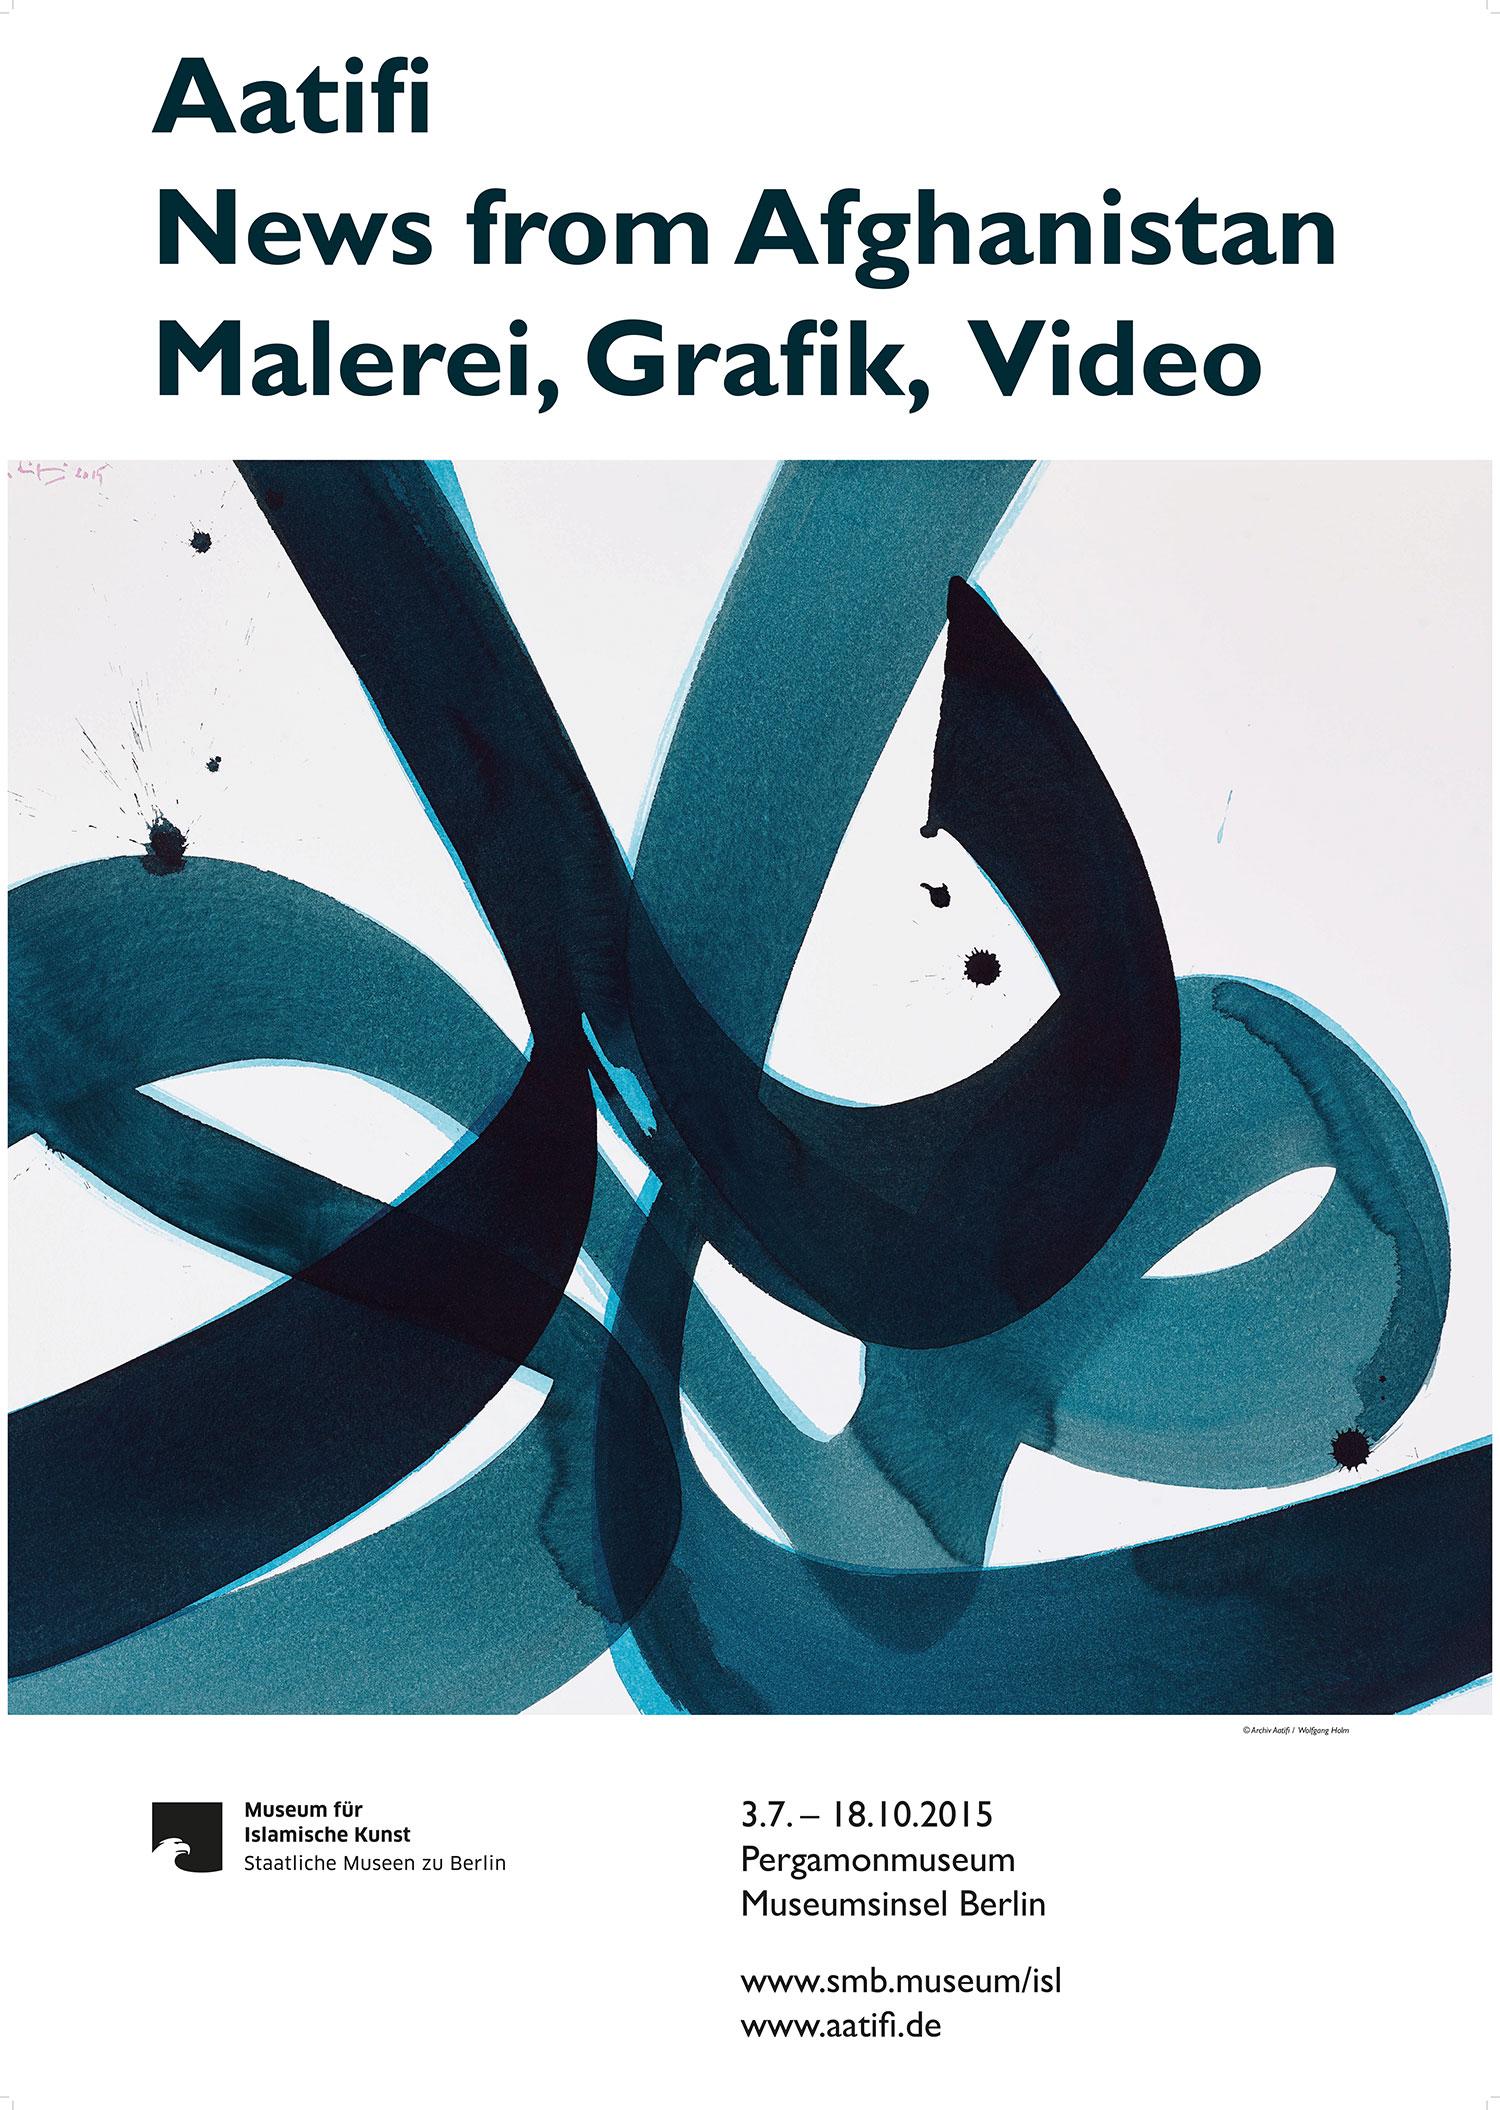 Ausstellung Aatifi Berlin Plakat